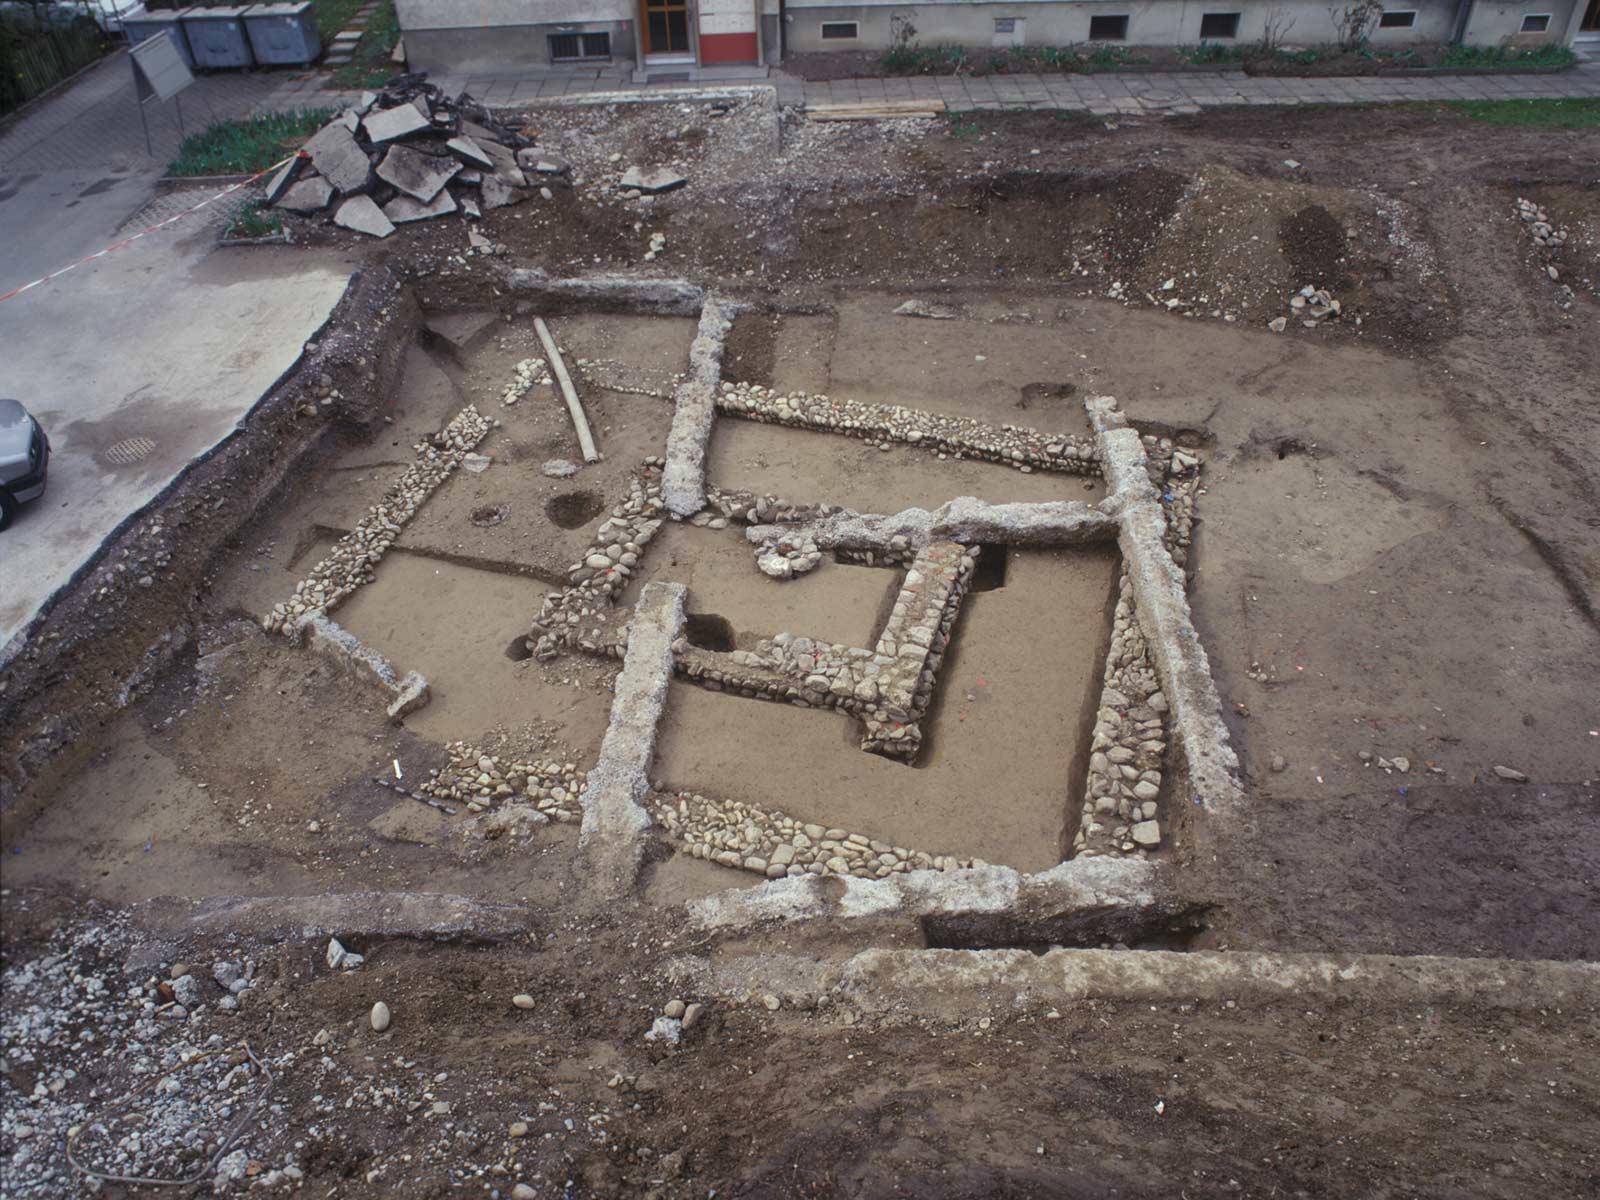 Ein römischer Tempel unter modernen Garagenfundamenten in Dietikon (Fischerweg 2 bis 6)